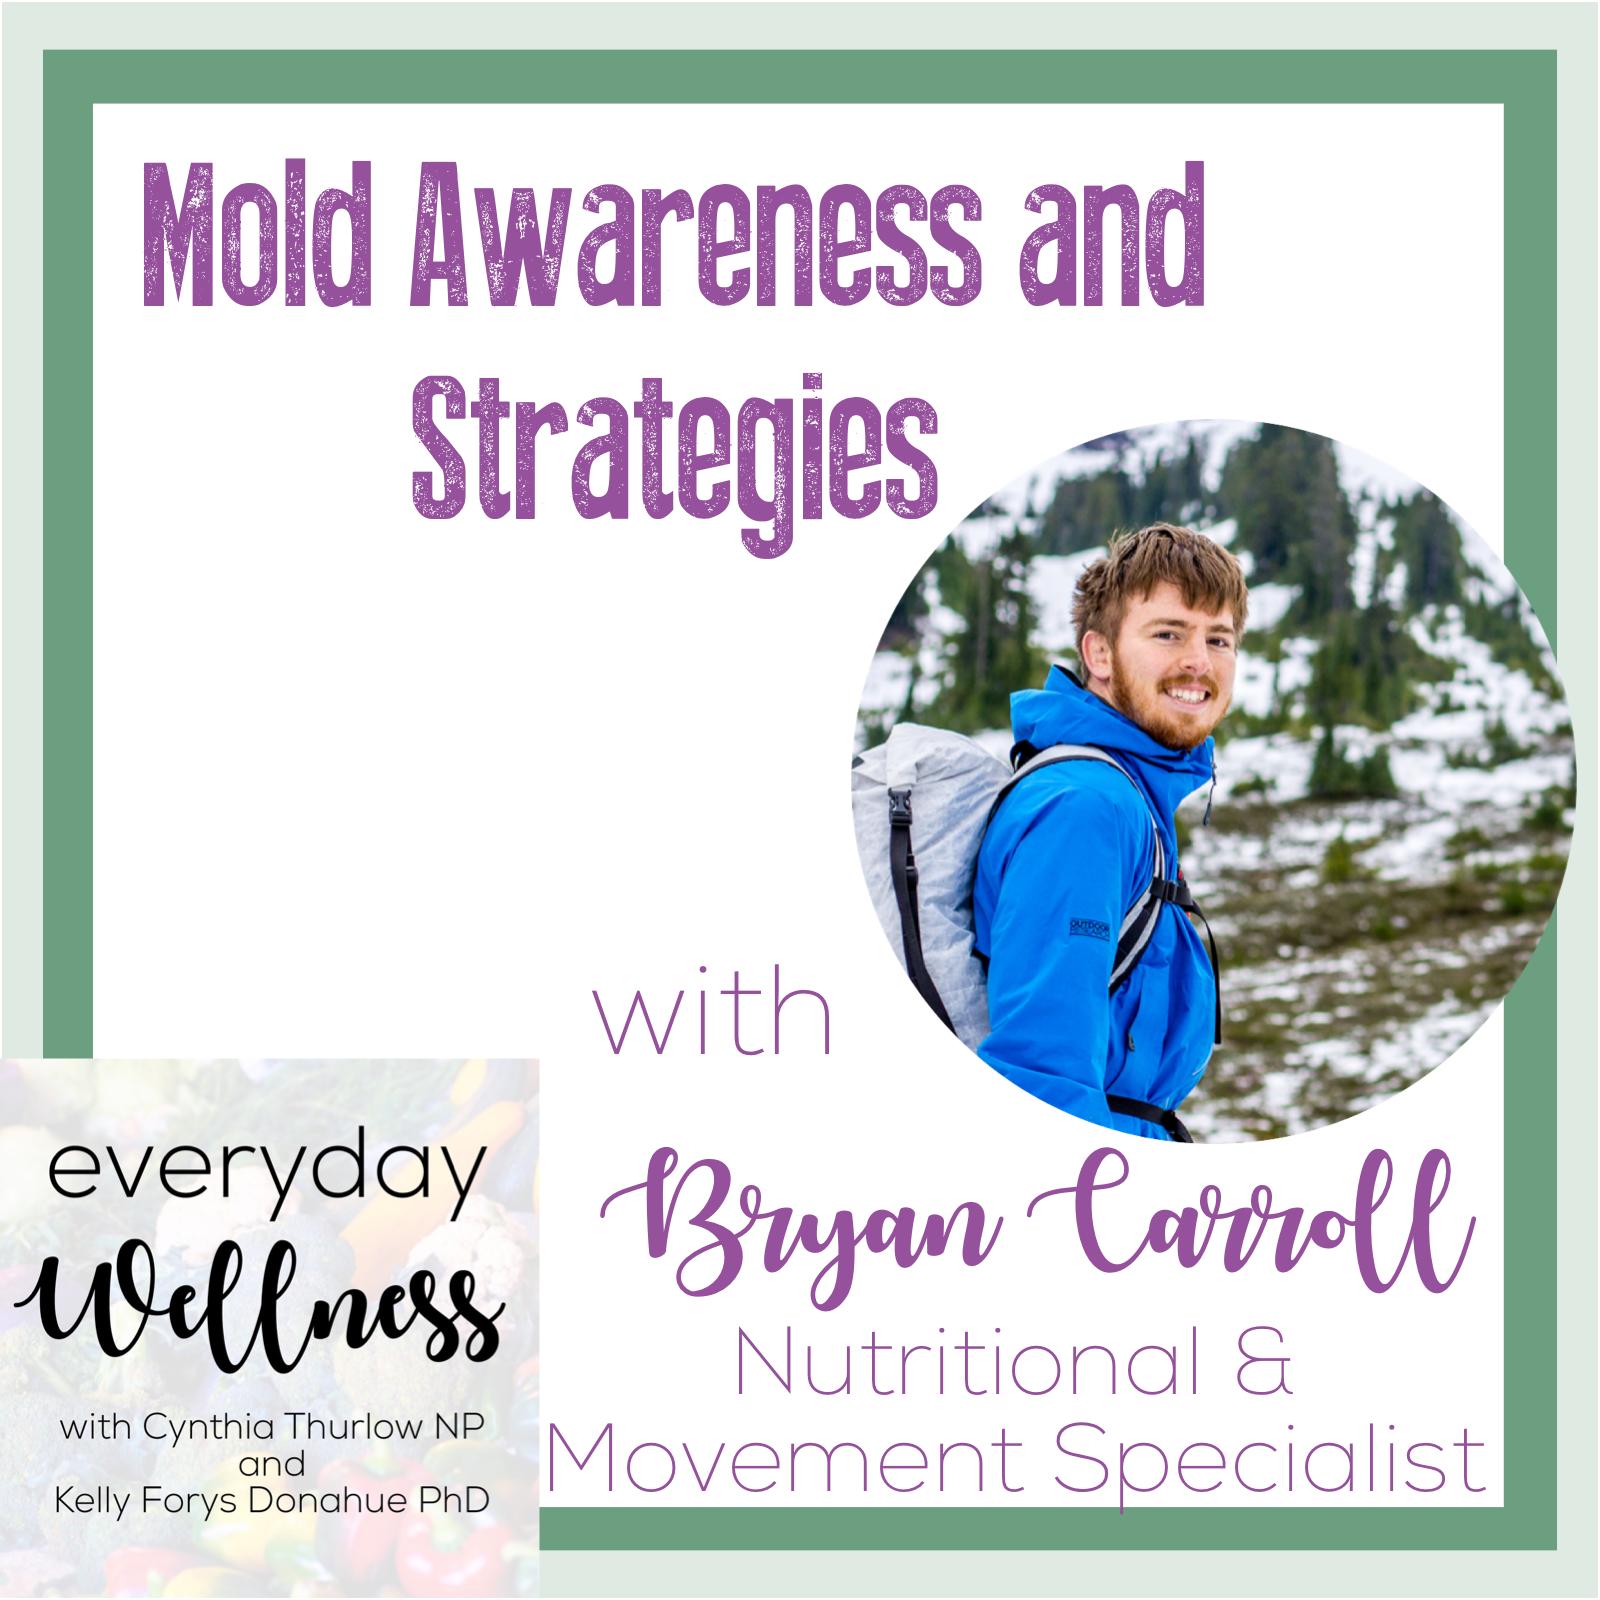 Episode 16: Bryan Carroll